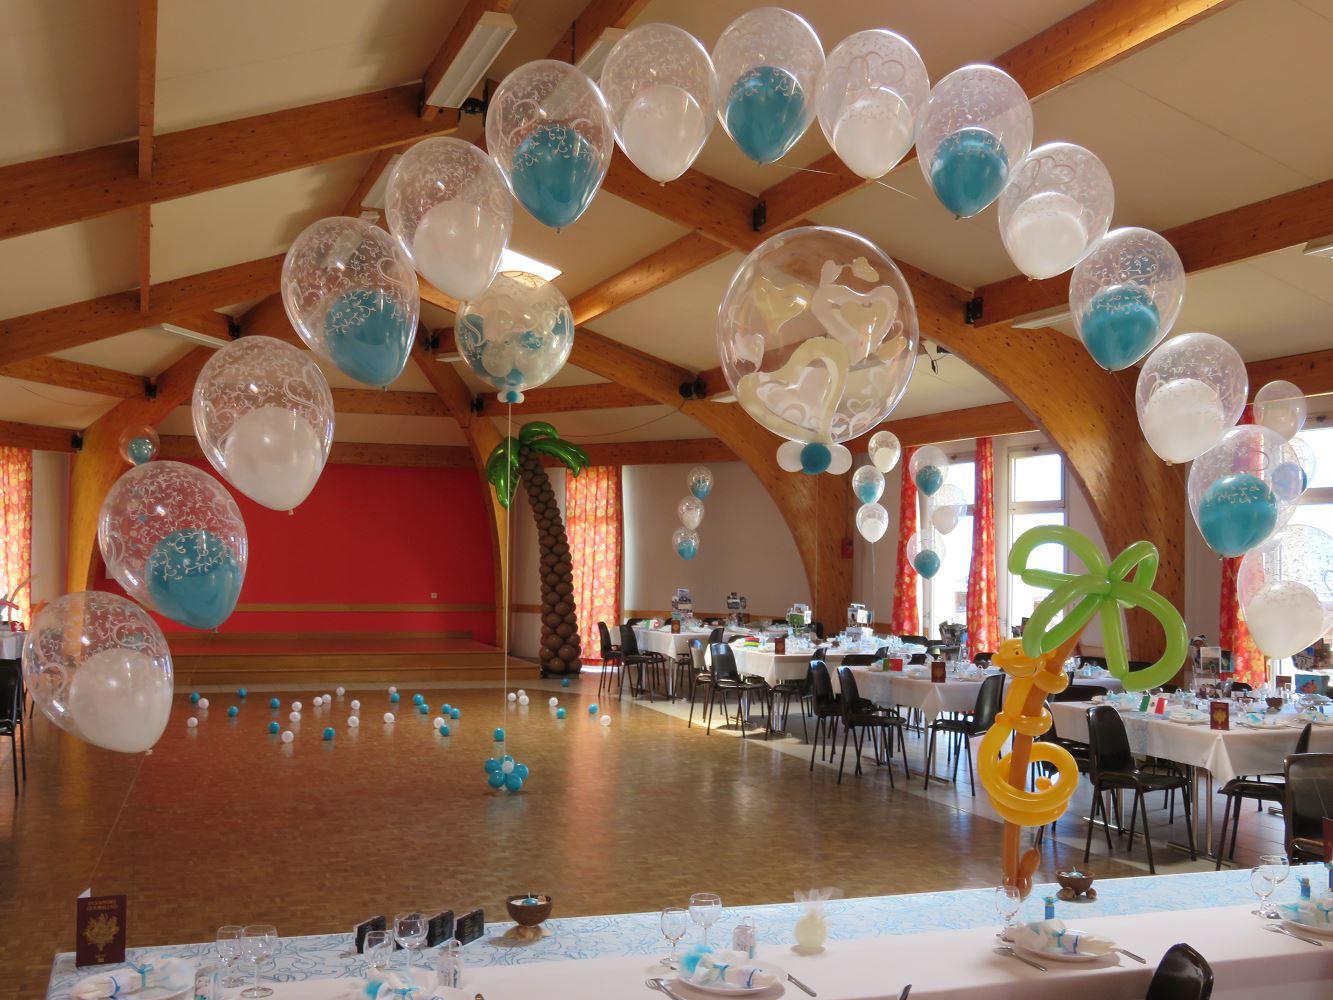 Deco mariage ballon le mariage - Decoration ballon mariage ...